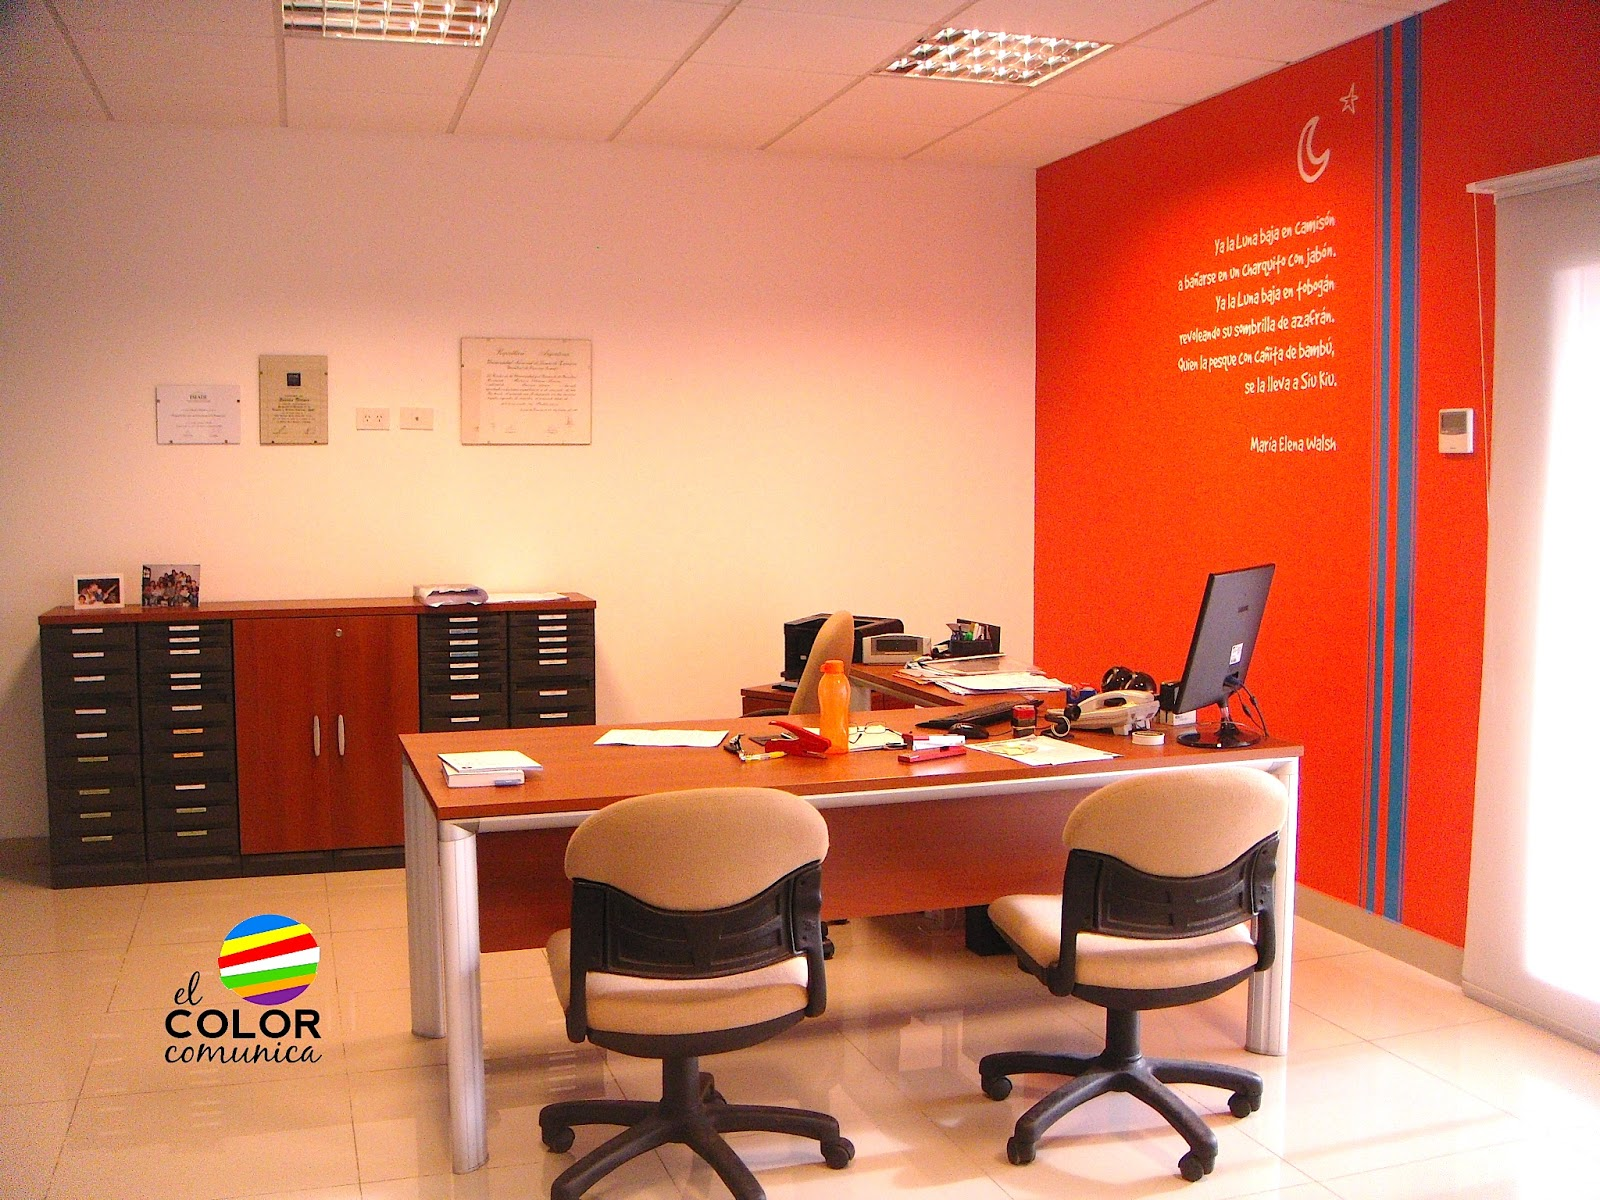 en el caso de la identidad visual corporativa y en los productos de la marca blocky priman tres colores que se destacan naranja